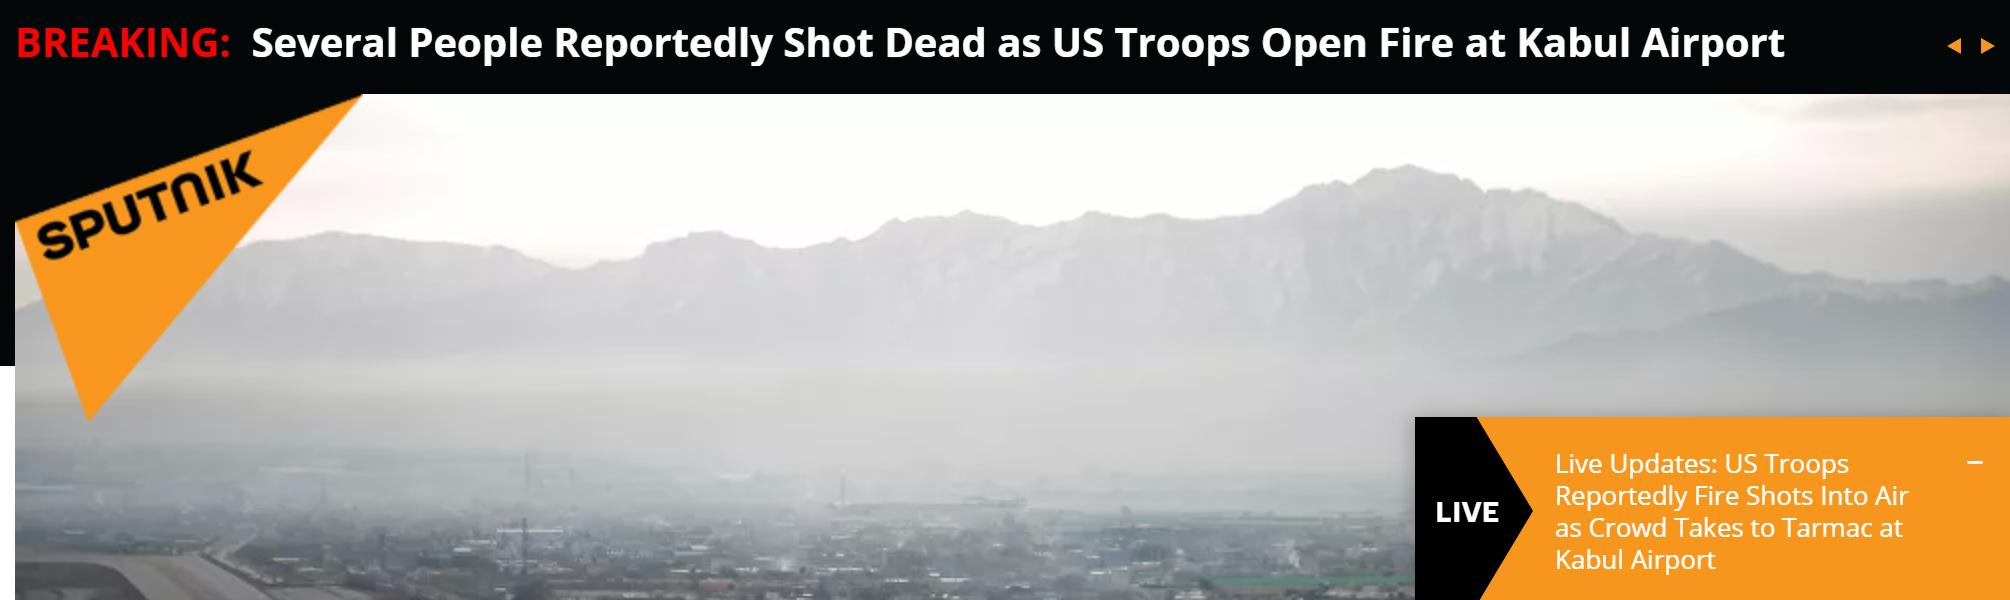 俄媒:美军接管喀布尔机场向阿富汗平民开火,已致数人死亡